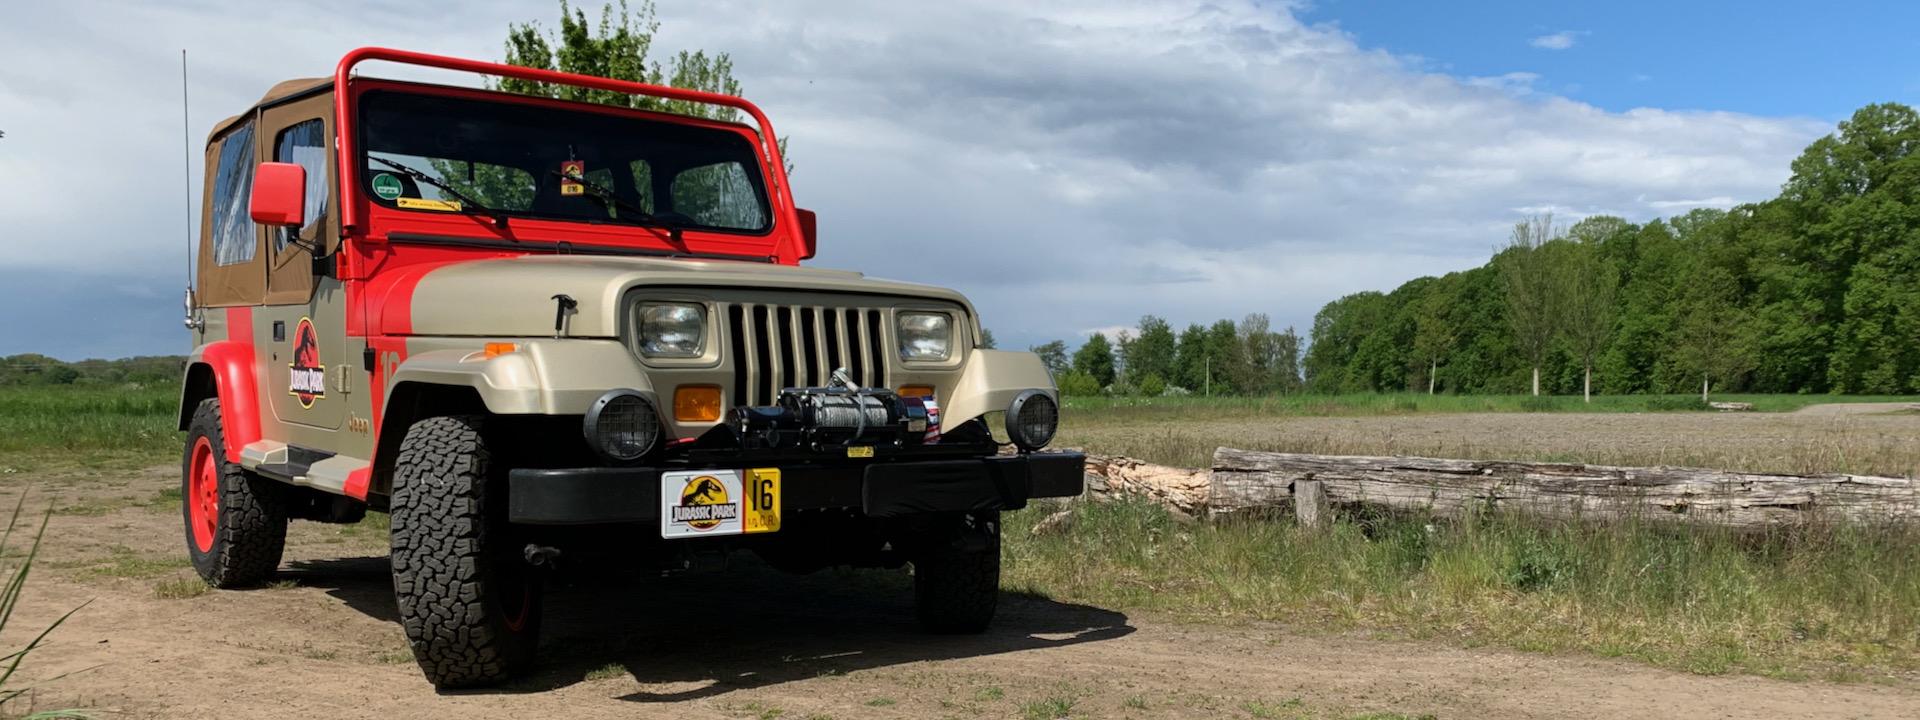 """Ein Jeep Wrangler Sahara in """"Jurassic Park""""-Optik im Naturparkzentrum Gymnicher Mühle in Erftstadt"""